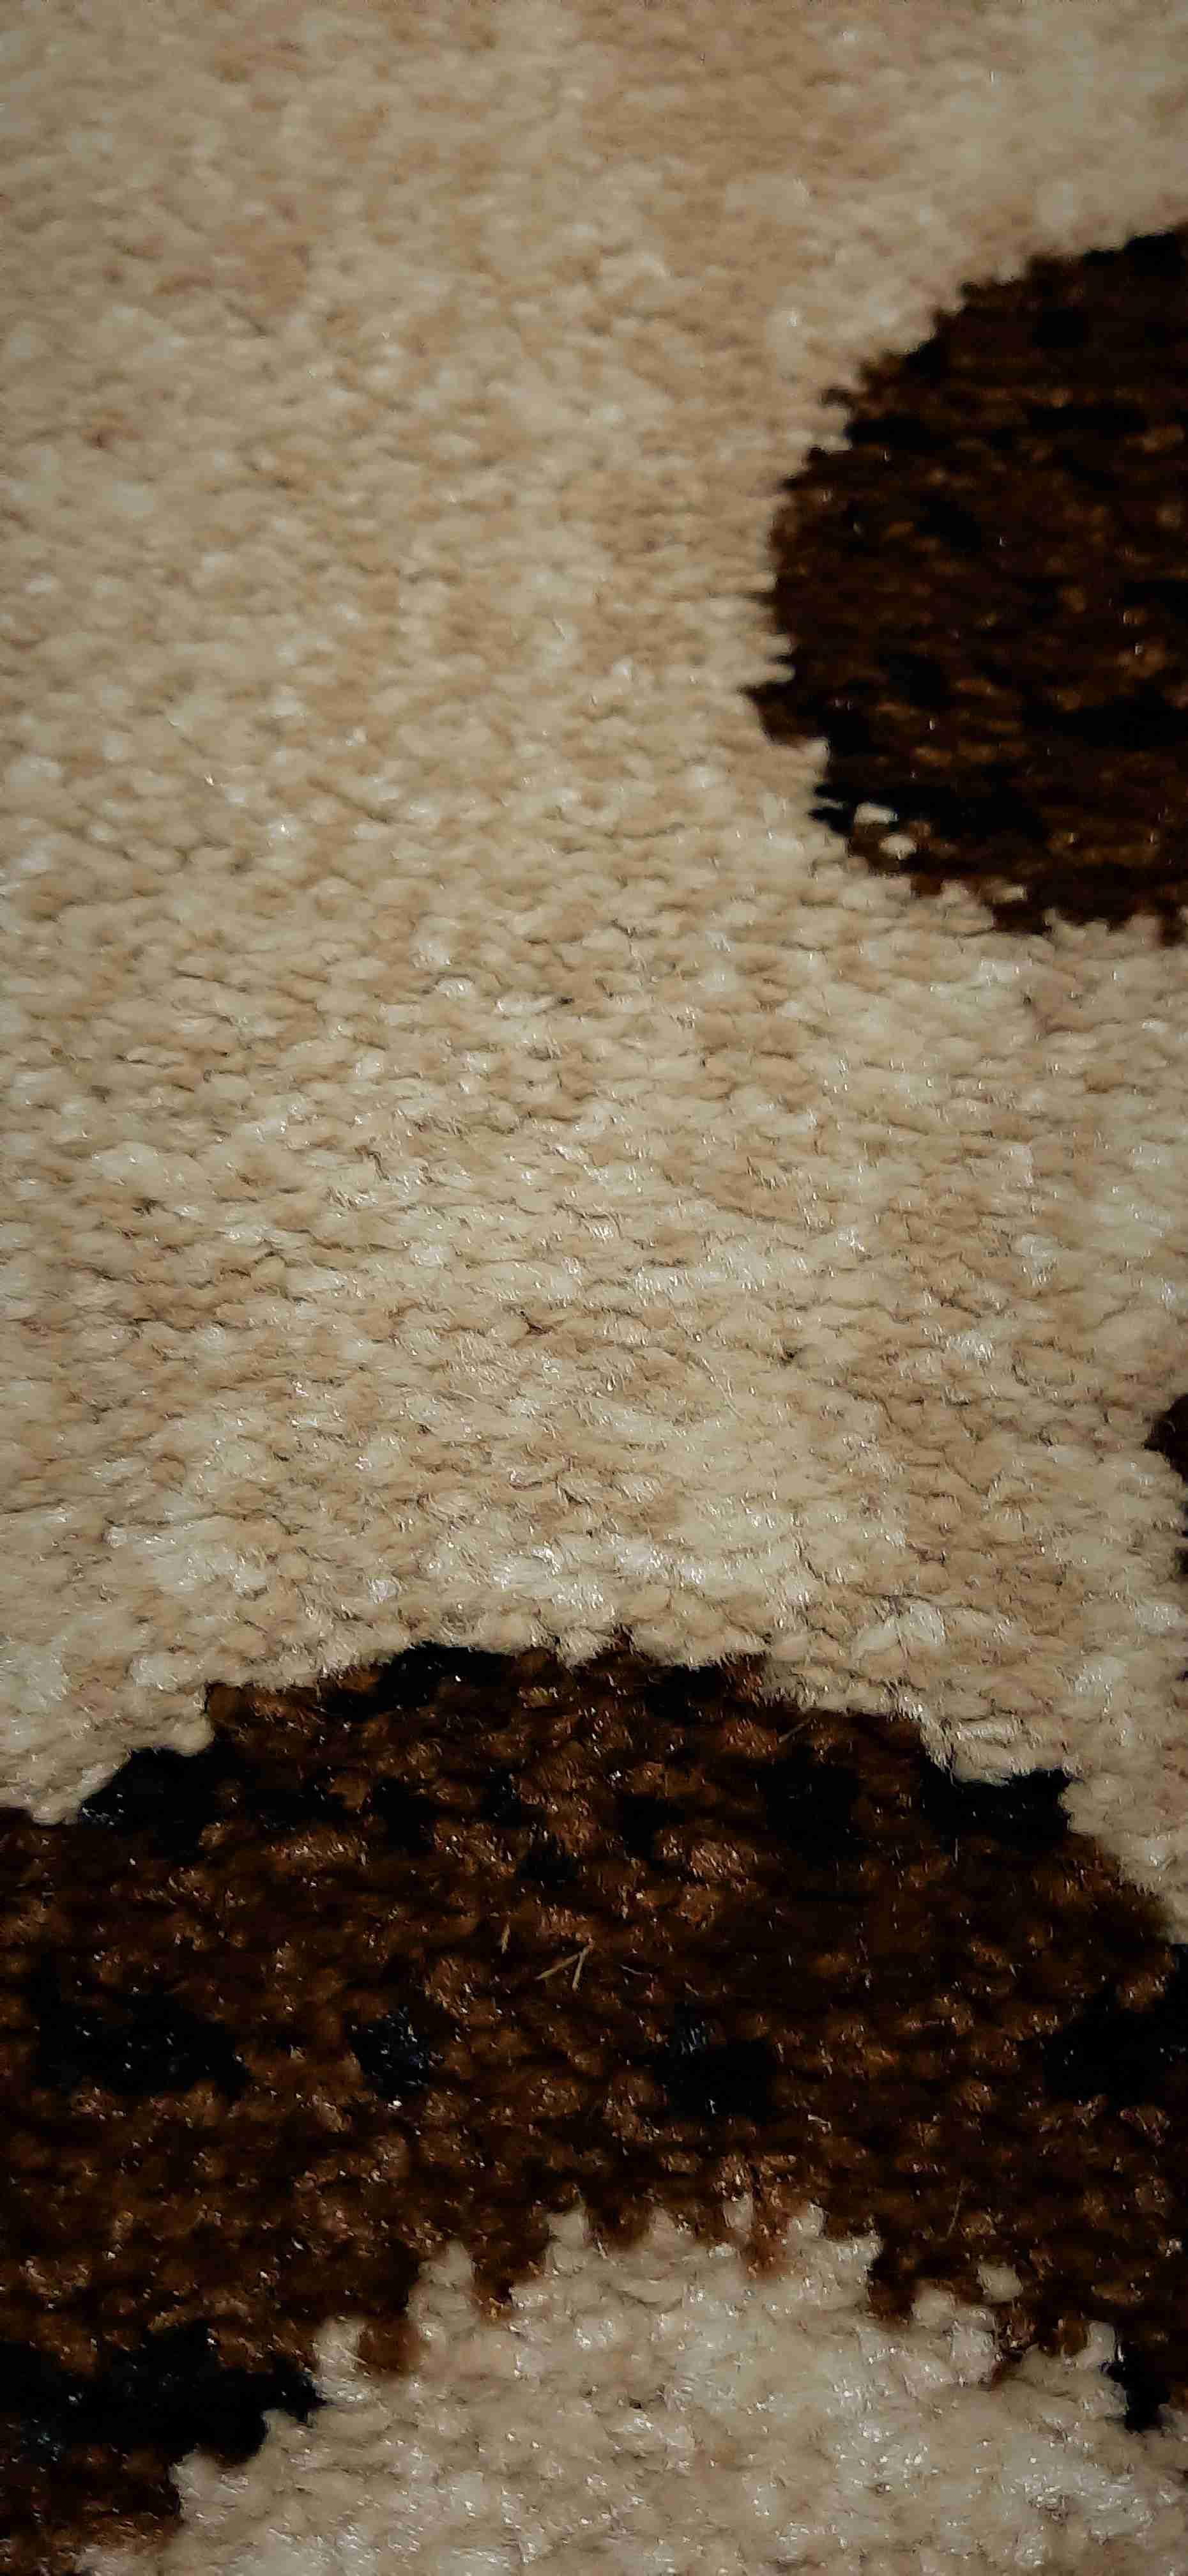 Traversa Covor, Cappuccino 16028-118, Bej / Maro, 100x500 cm, 1800 gr/mp 4